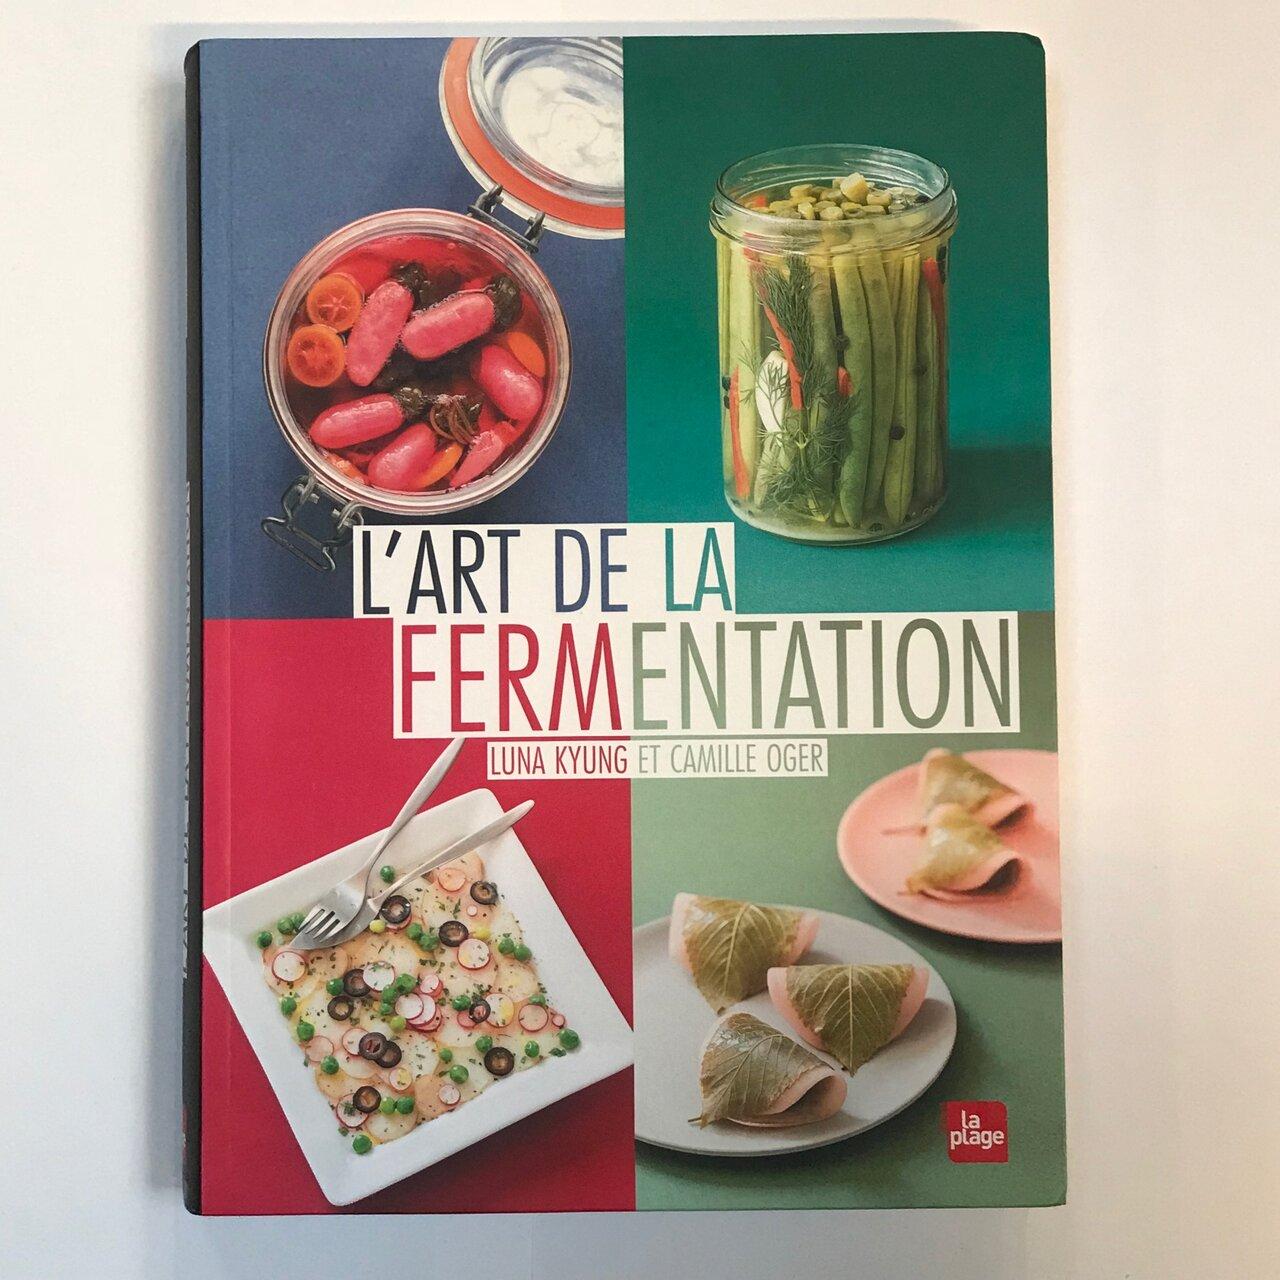 Cuisine et saveurs - L'art de la fermentation